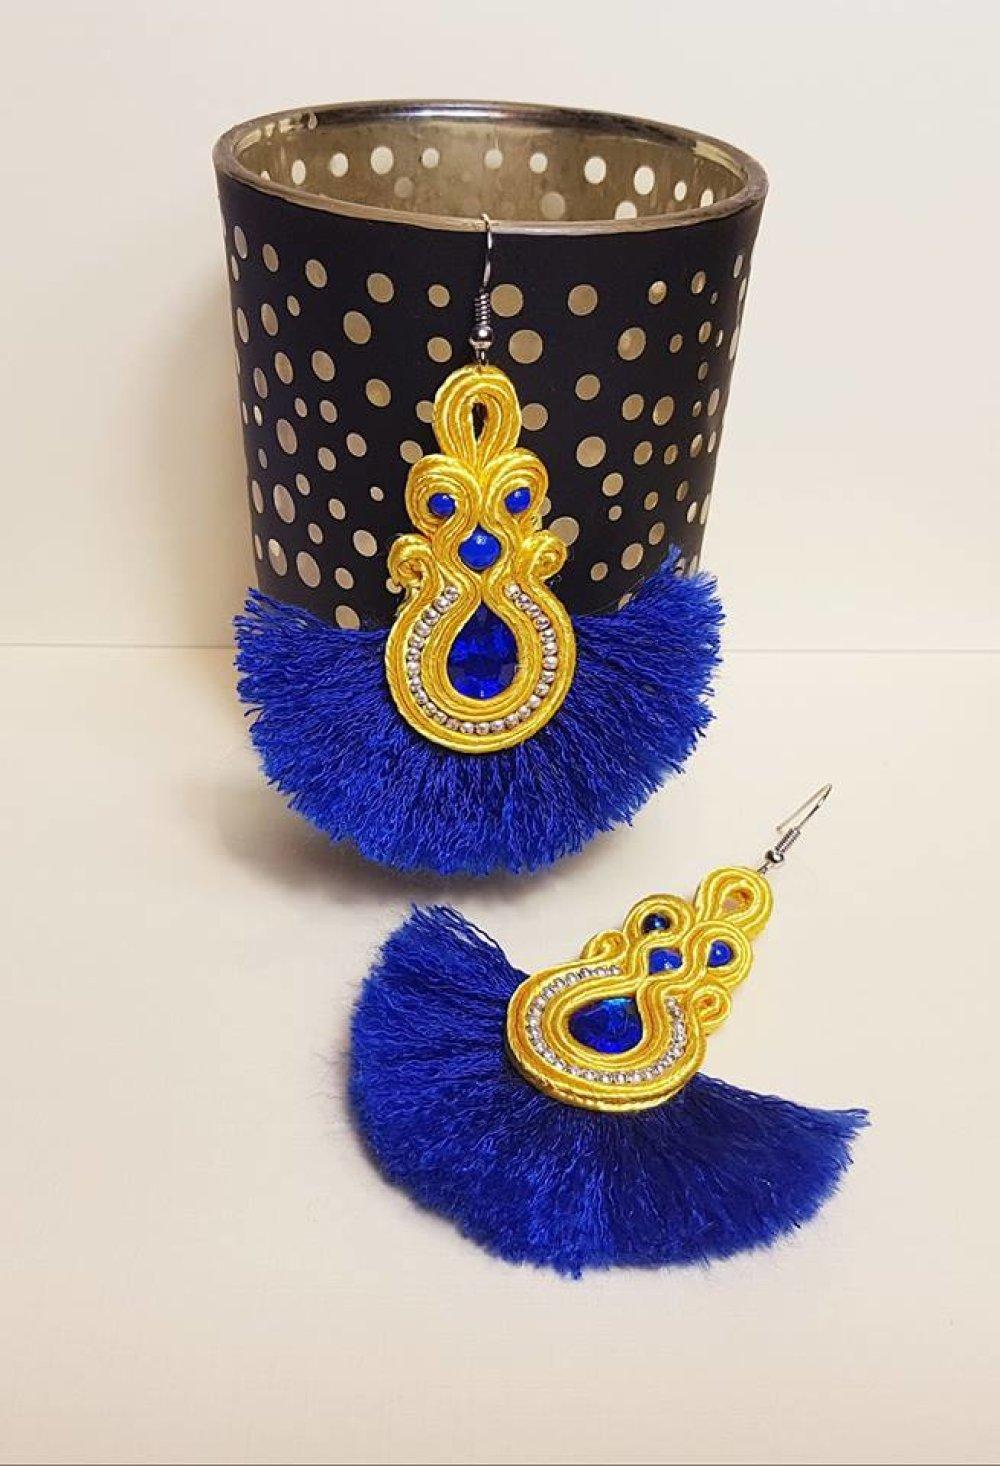 Boucle d'oreilles en soutache - modèle unique de créateur - jaune & bleue -  perles pompon